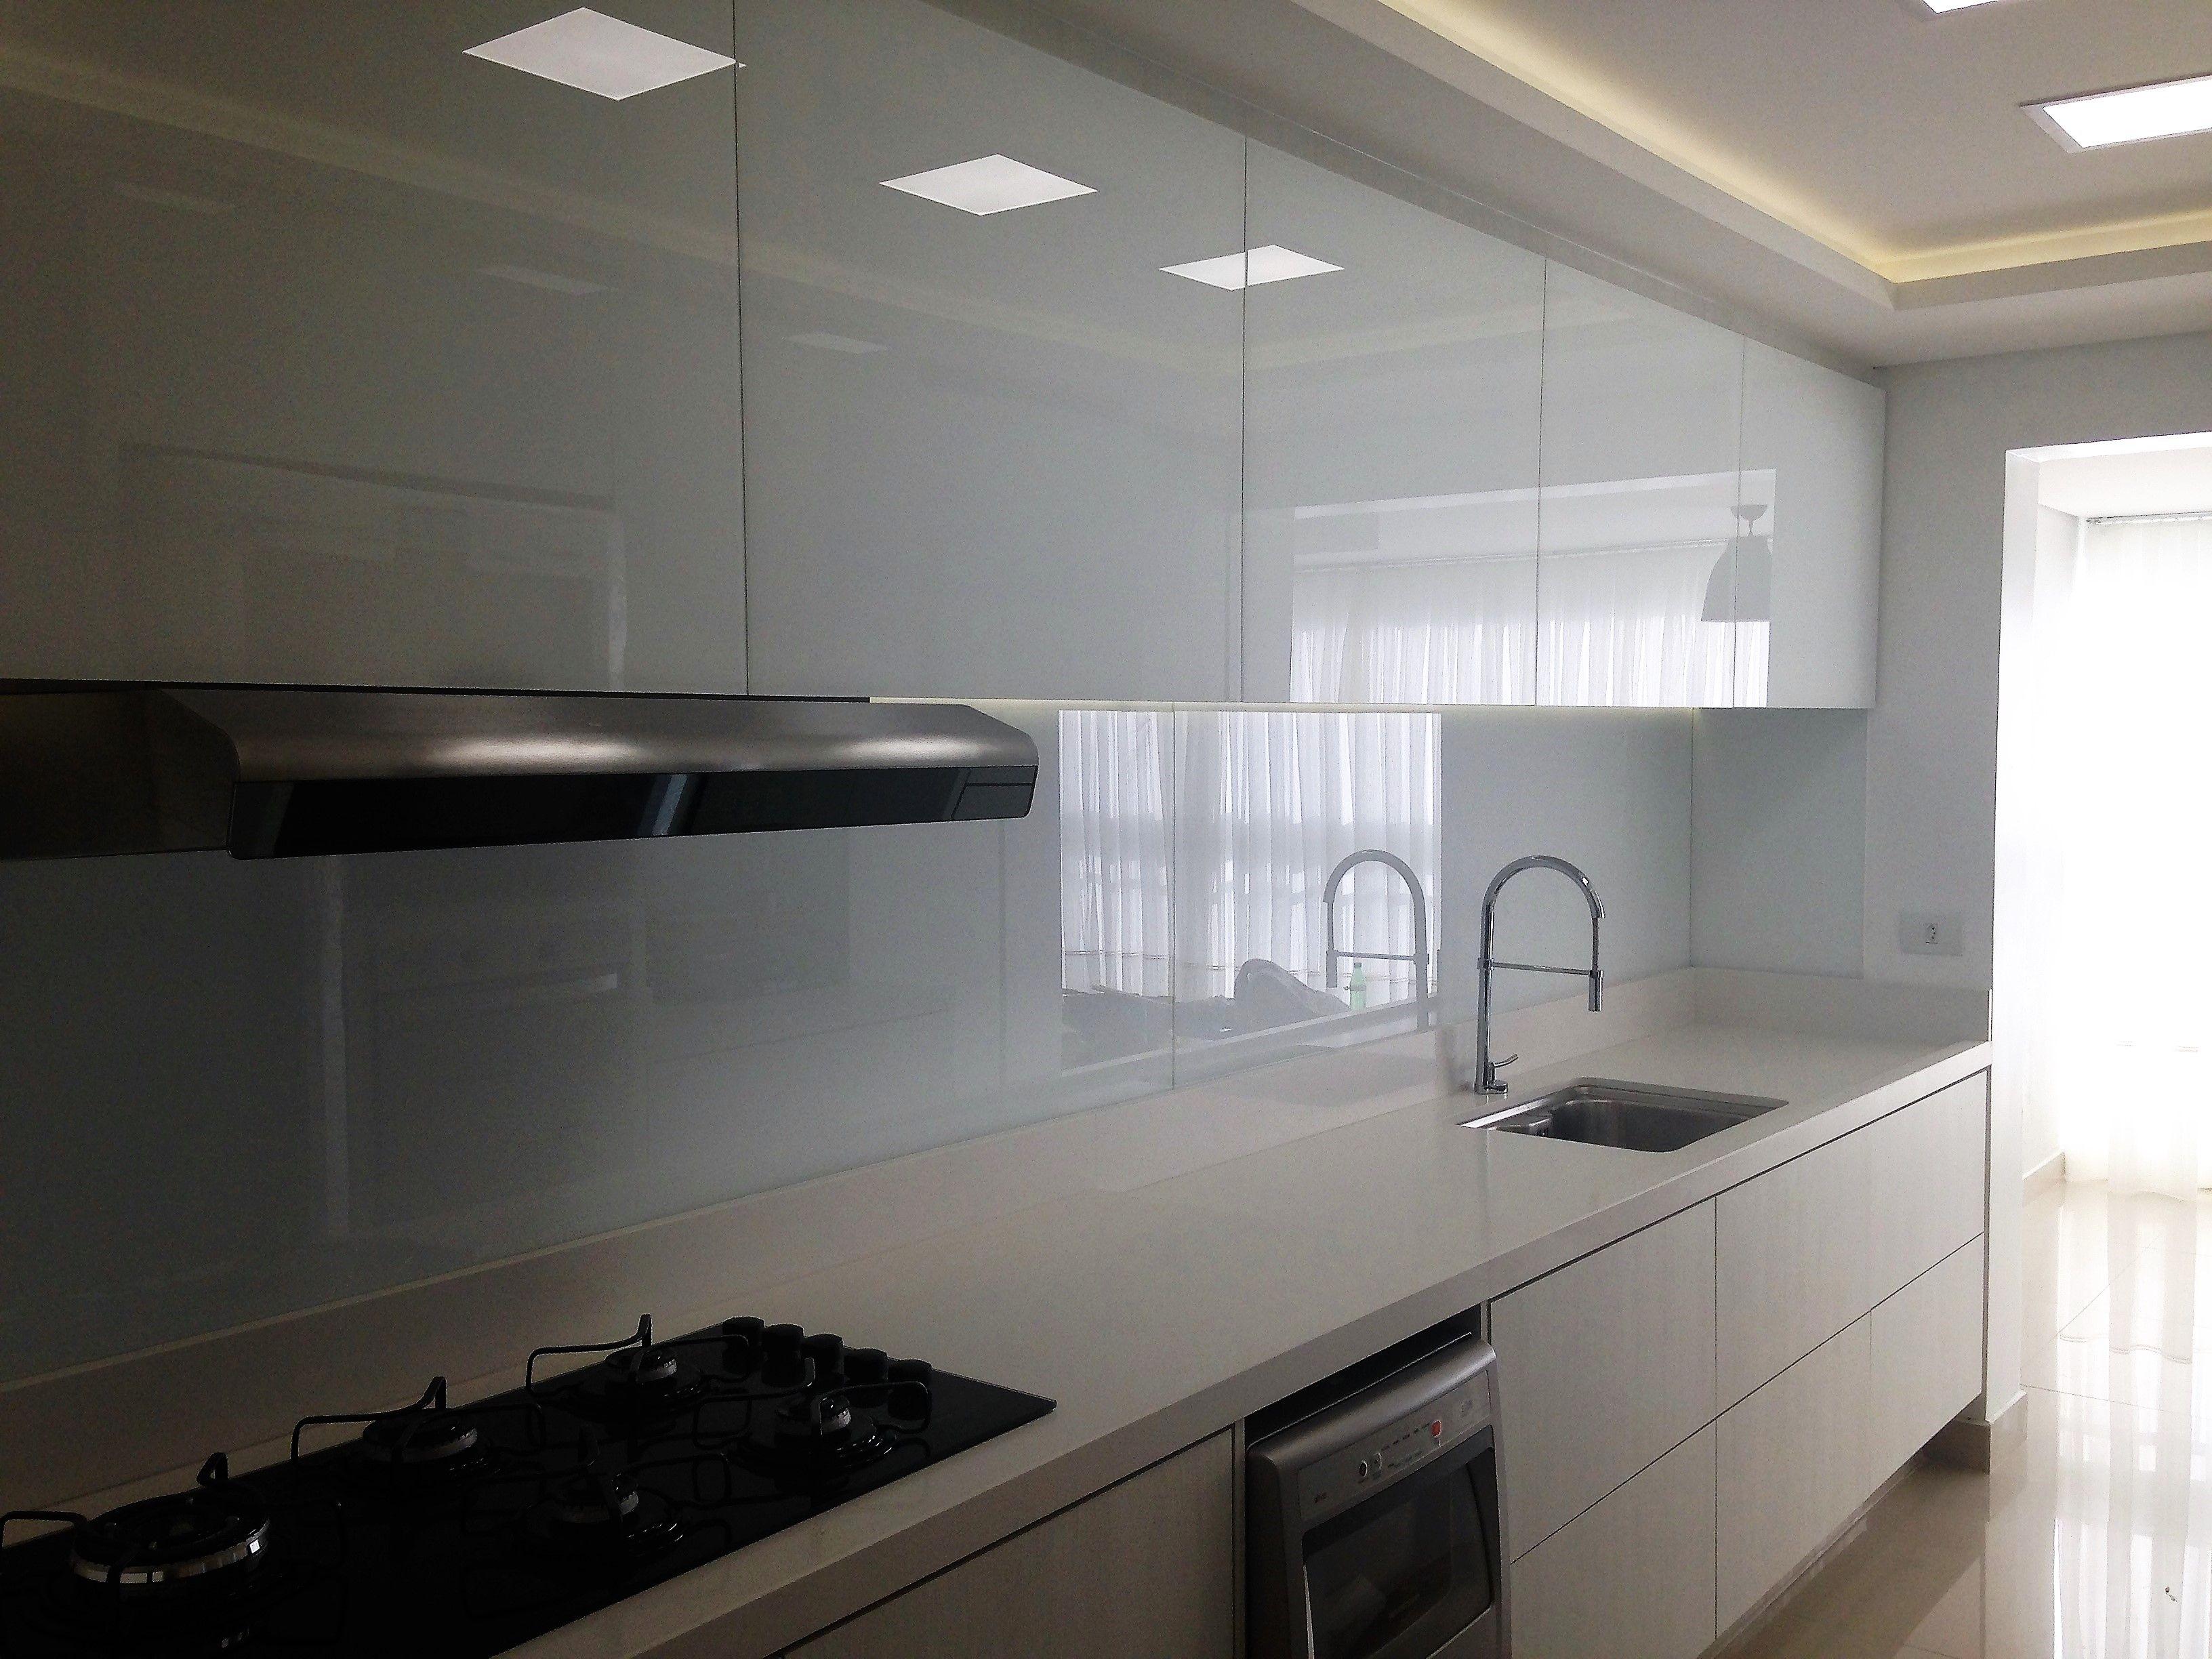 Cozinha Vidro Extra Clear Branco Arquiteta Elisa Mielke Cozinha